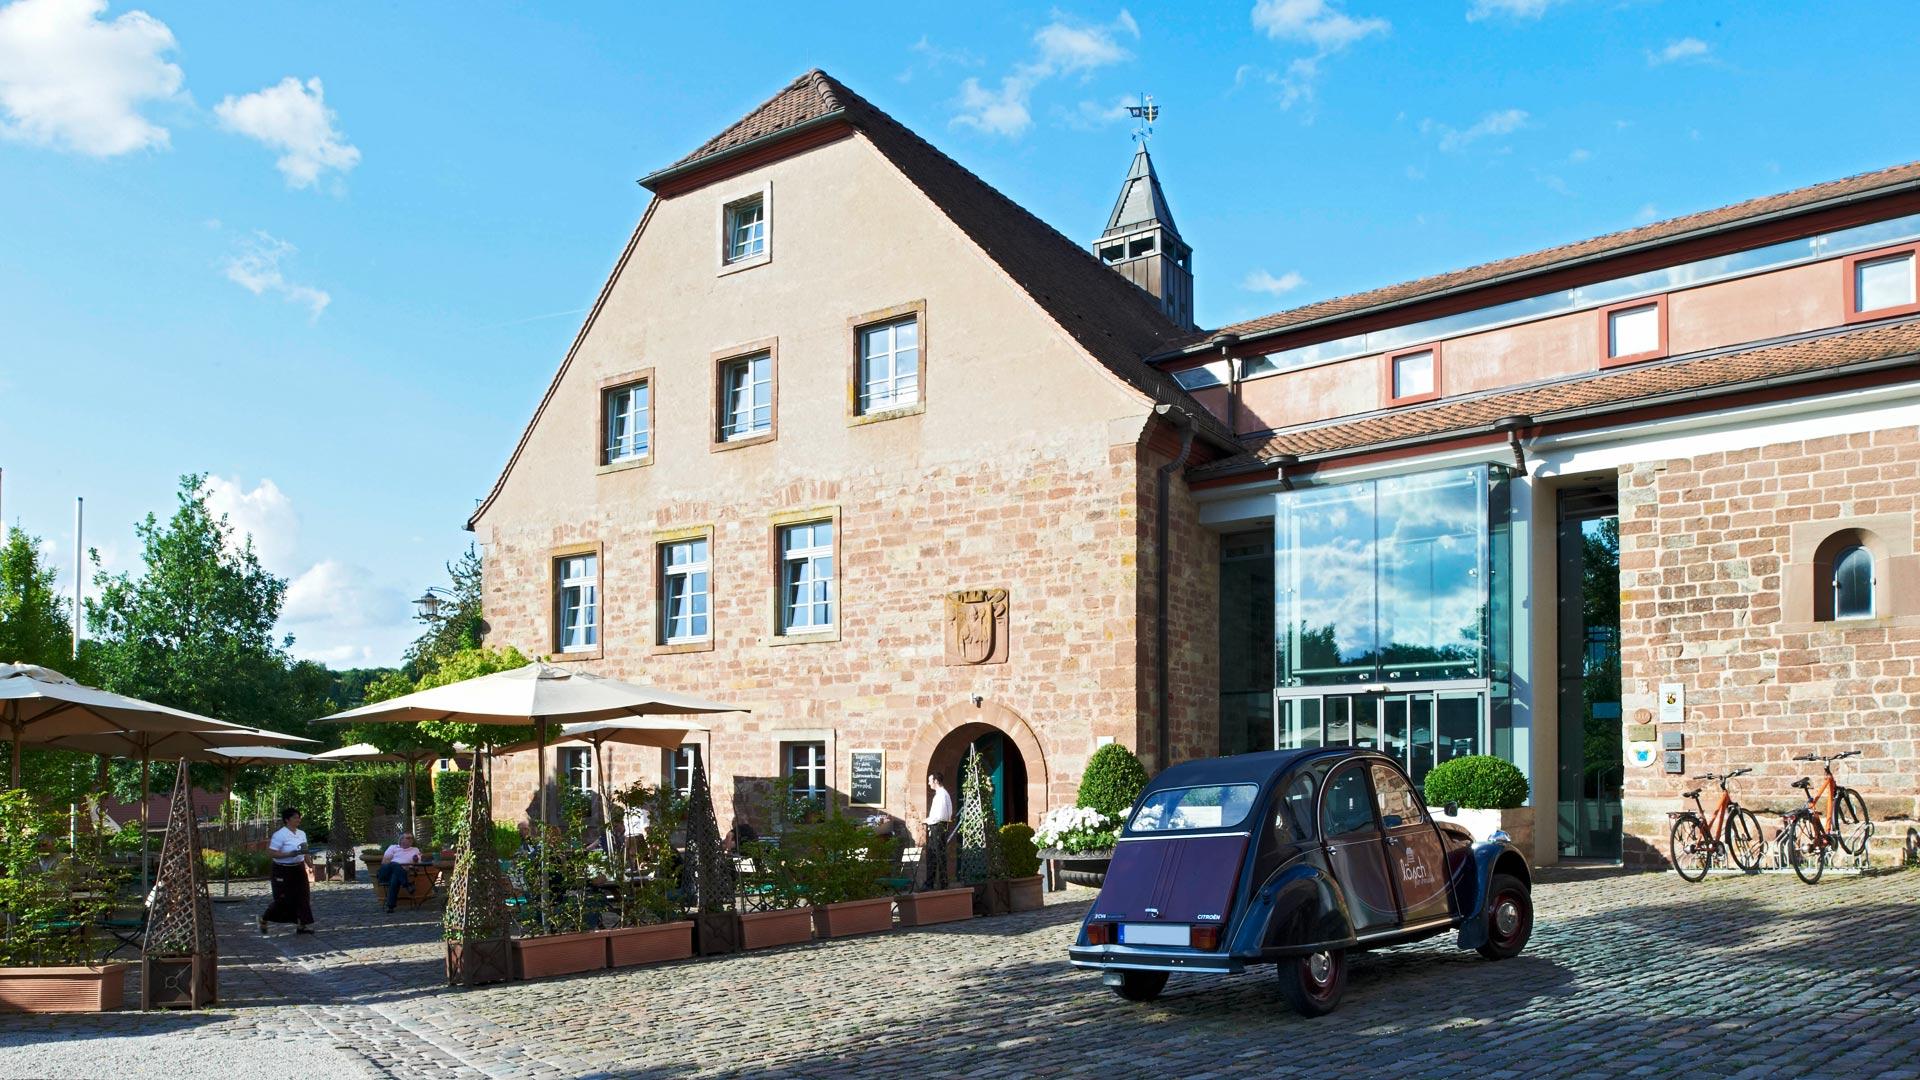 Hornbach Mini Kühlschrank : Tagungsleistungen und preise des hotel kloster hornbach